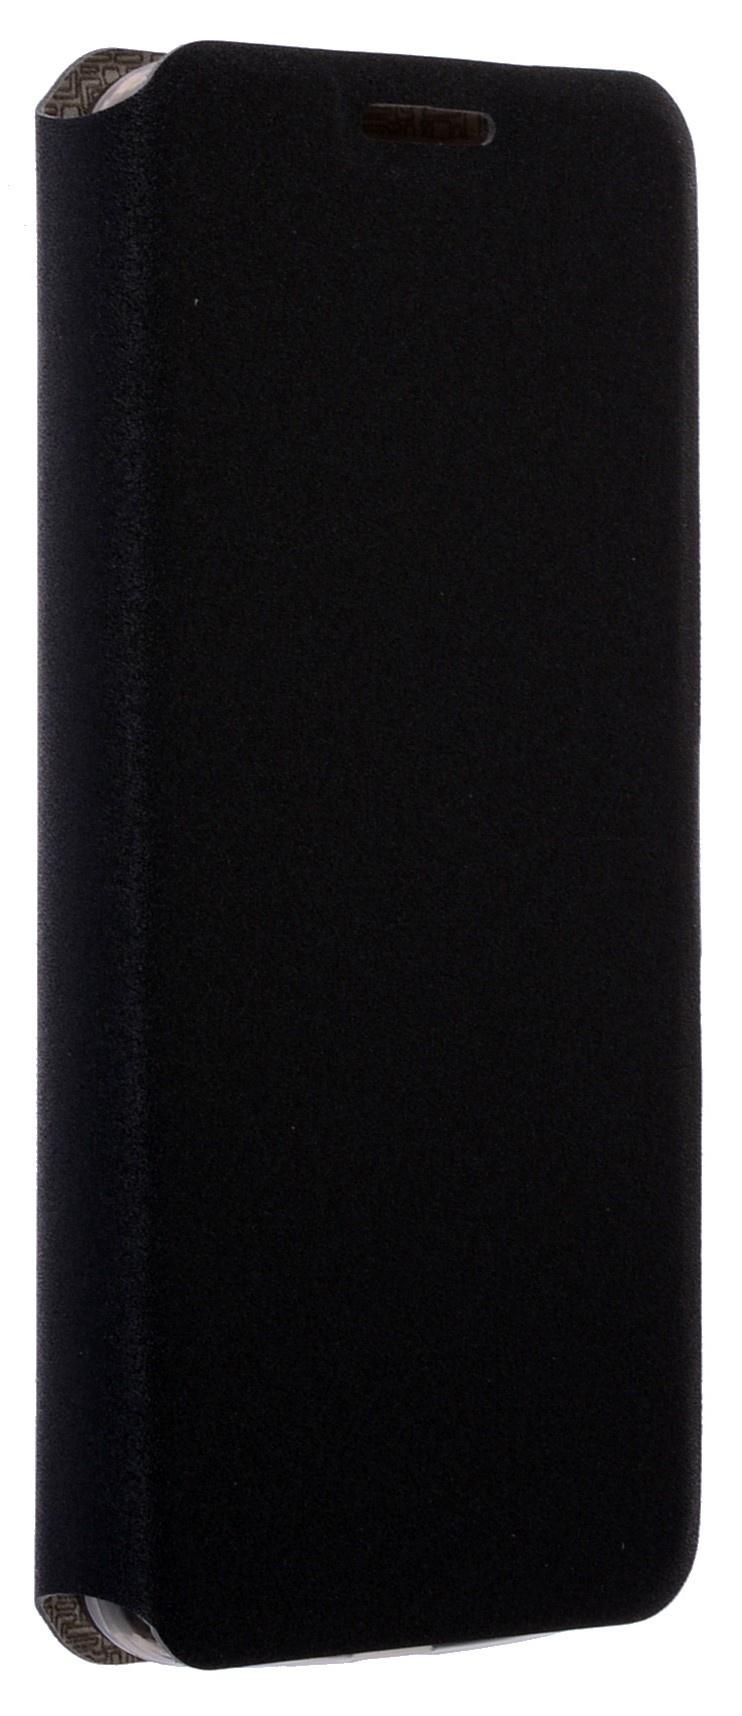 Чехол для сотового телефона PRIME Book, 4630042523821, черный недорого